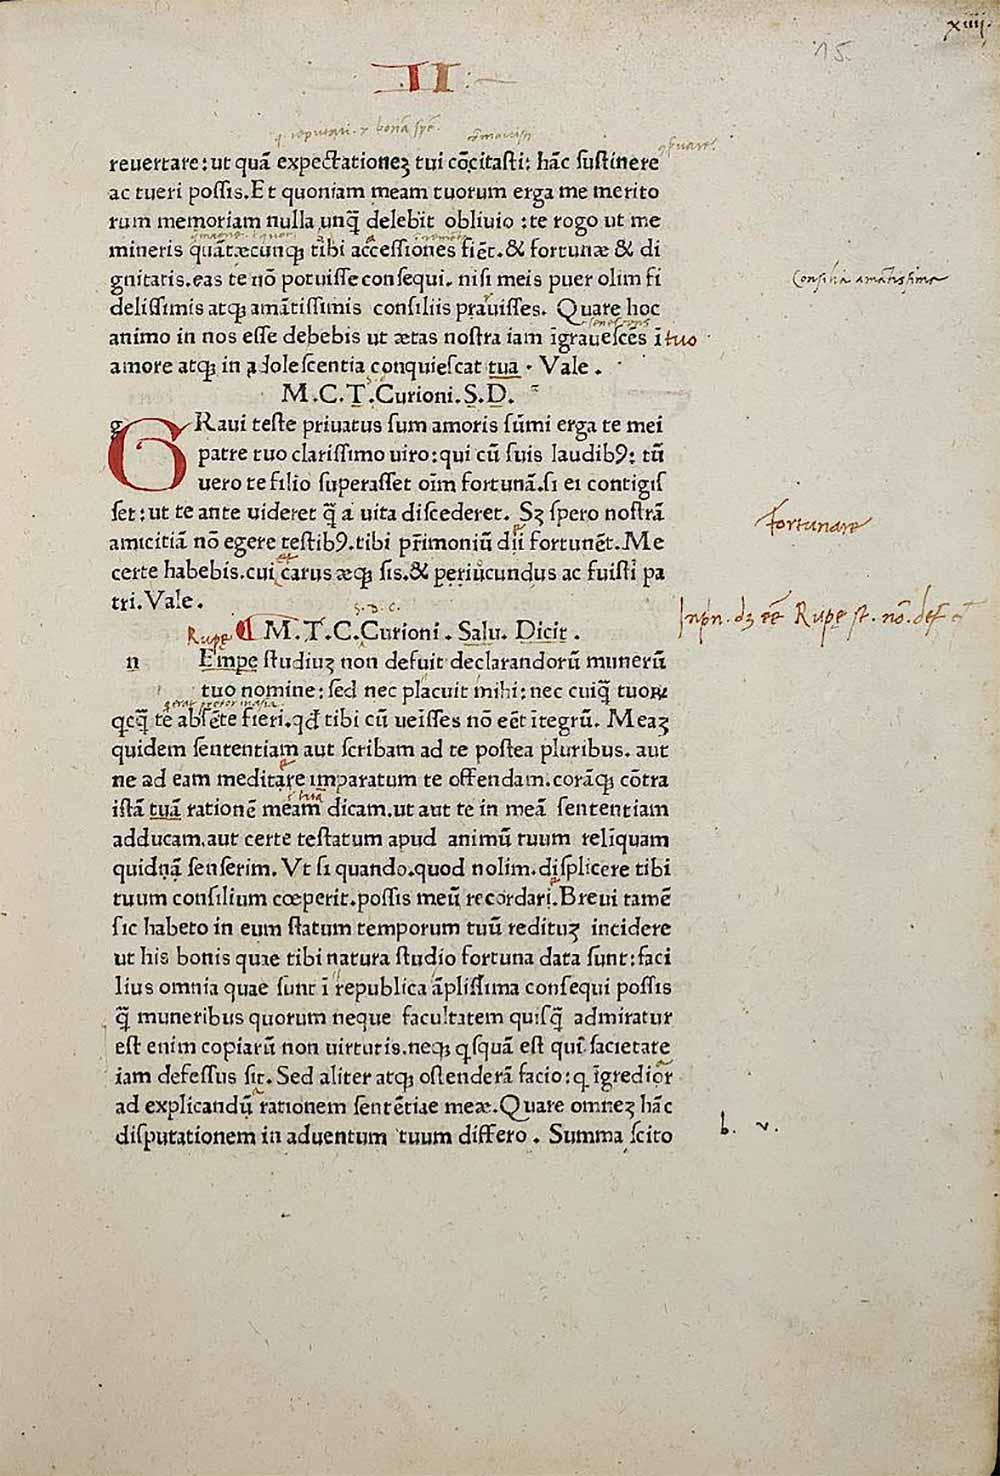 Eine Innenseite (Recto) der Inkunabel »Epistulae ad familiares« von Marcus Tullius Cicero. Gedruckt von Dominicus de Lapis (1476-1482) in Bologna. Ein Wiegedruck aus dem Jahre 1477, der in einer frühen Venezianischen Antiqua gedruckt wurde. Die Inkunabel wurde 1493 in Florenz von Schülern von Angelus Politianus unter dessen Aufsicht mit zwei Handschriften von Ciceros Epistulae ad familiares kollationiert, von denen sich eine im Besitz des florentinischen Kanonikers Francesco Minerbetti (1507–1574) befand. Quelle und weiterführende Informationen: Universitätsbibliothek Heidelberg, online verfügbar unter http://digi.ub.uni-heidelberg.de/diglit/cicero1477/0001/thumbs?sid=594a2018c2434bc12c2c4fac57502cc0#/current_page (8.6.2017).